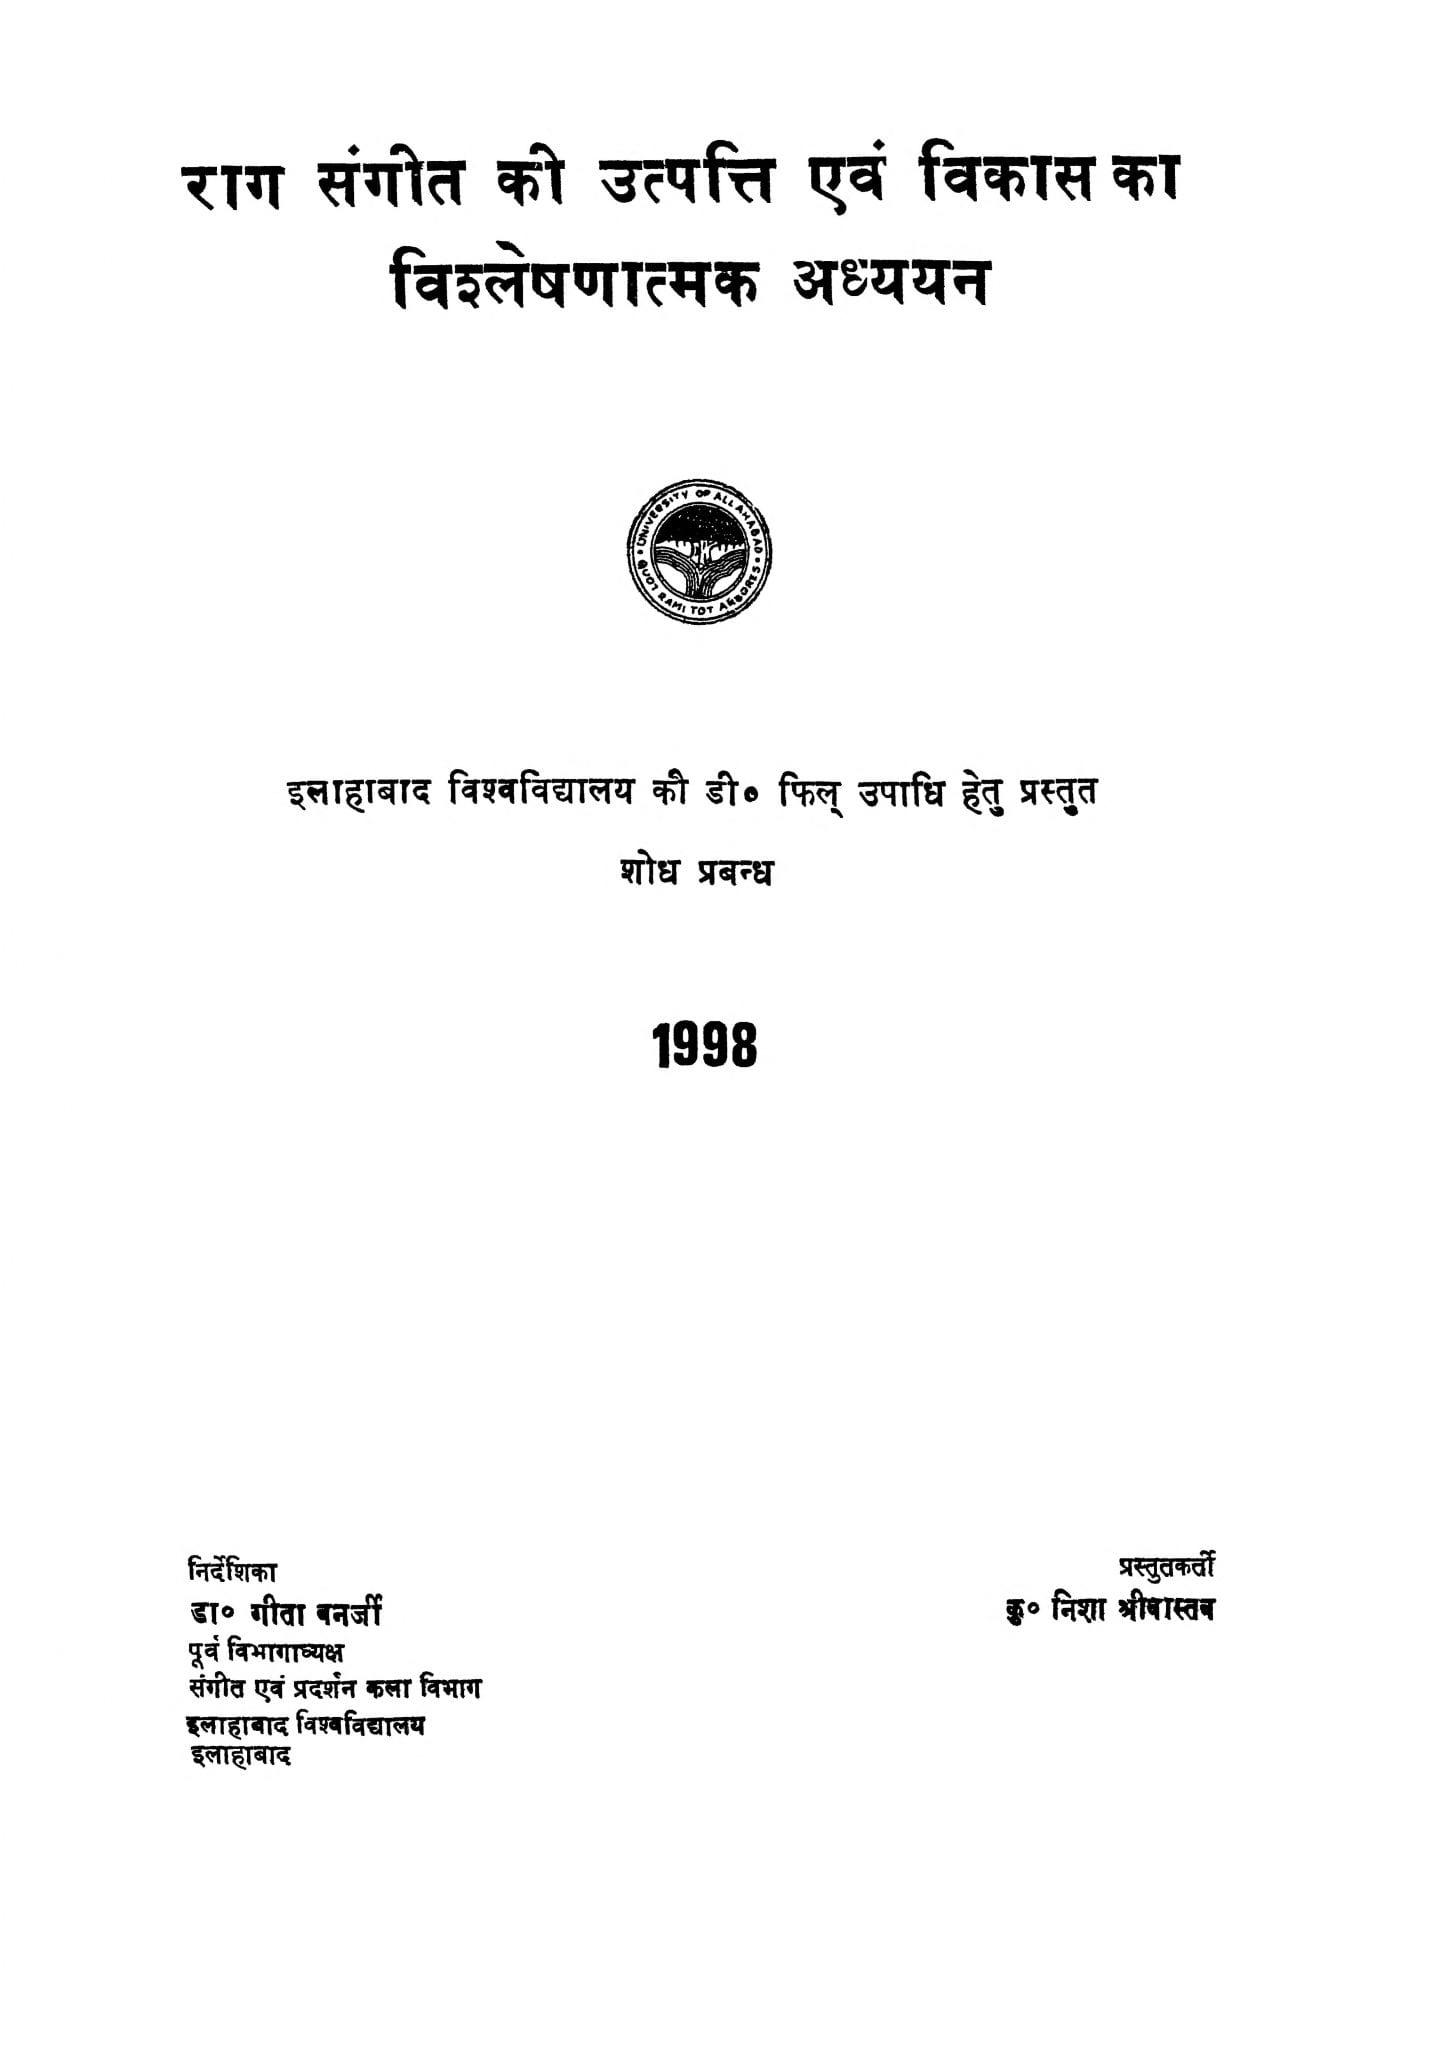 Rag Sangeet Ki Utpatti Awam Vikas Ka Vishleshnatmak Adhyayn by निशा श्रीवास्तव - Nisha Srivastav